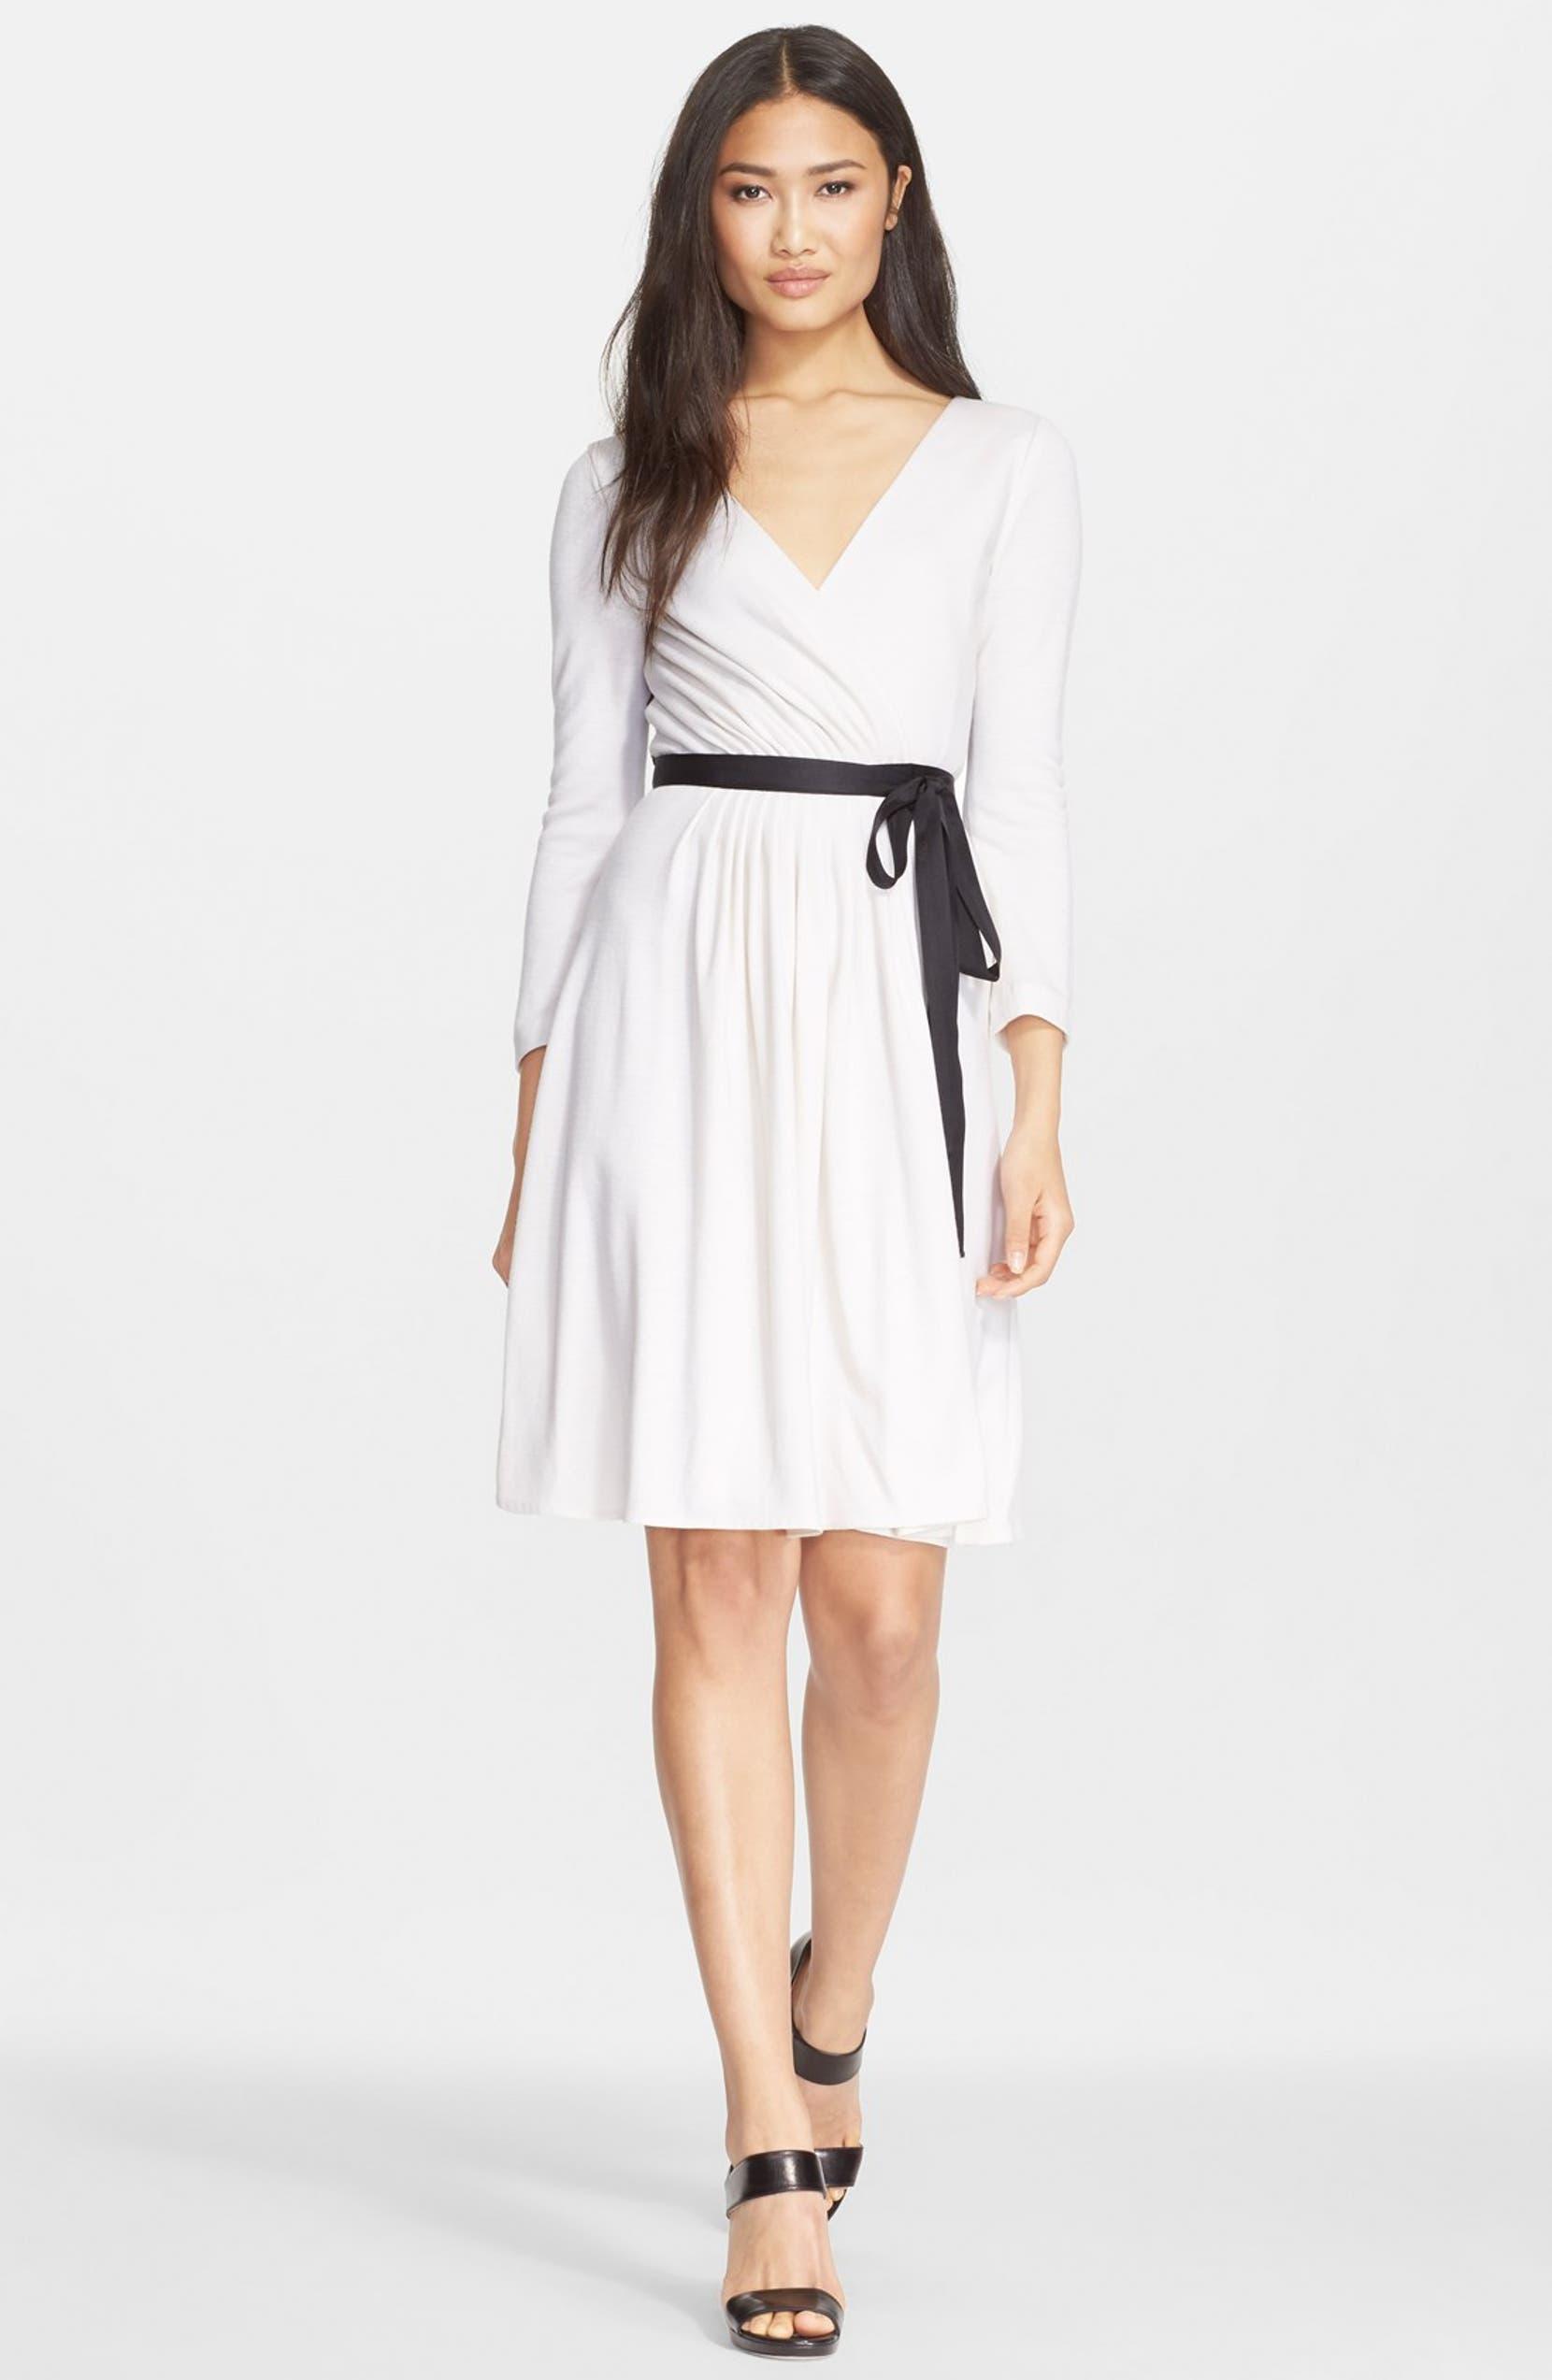 e336c07dddaa Diane von Furstenberg 'Seduction' Wool Wrap Dress   Nordstrom